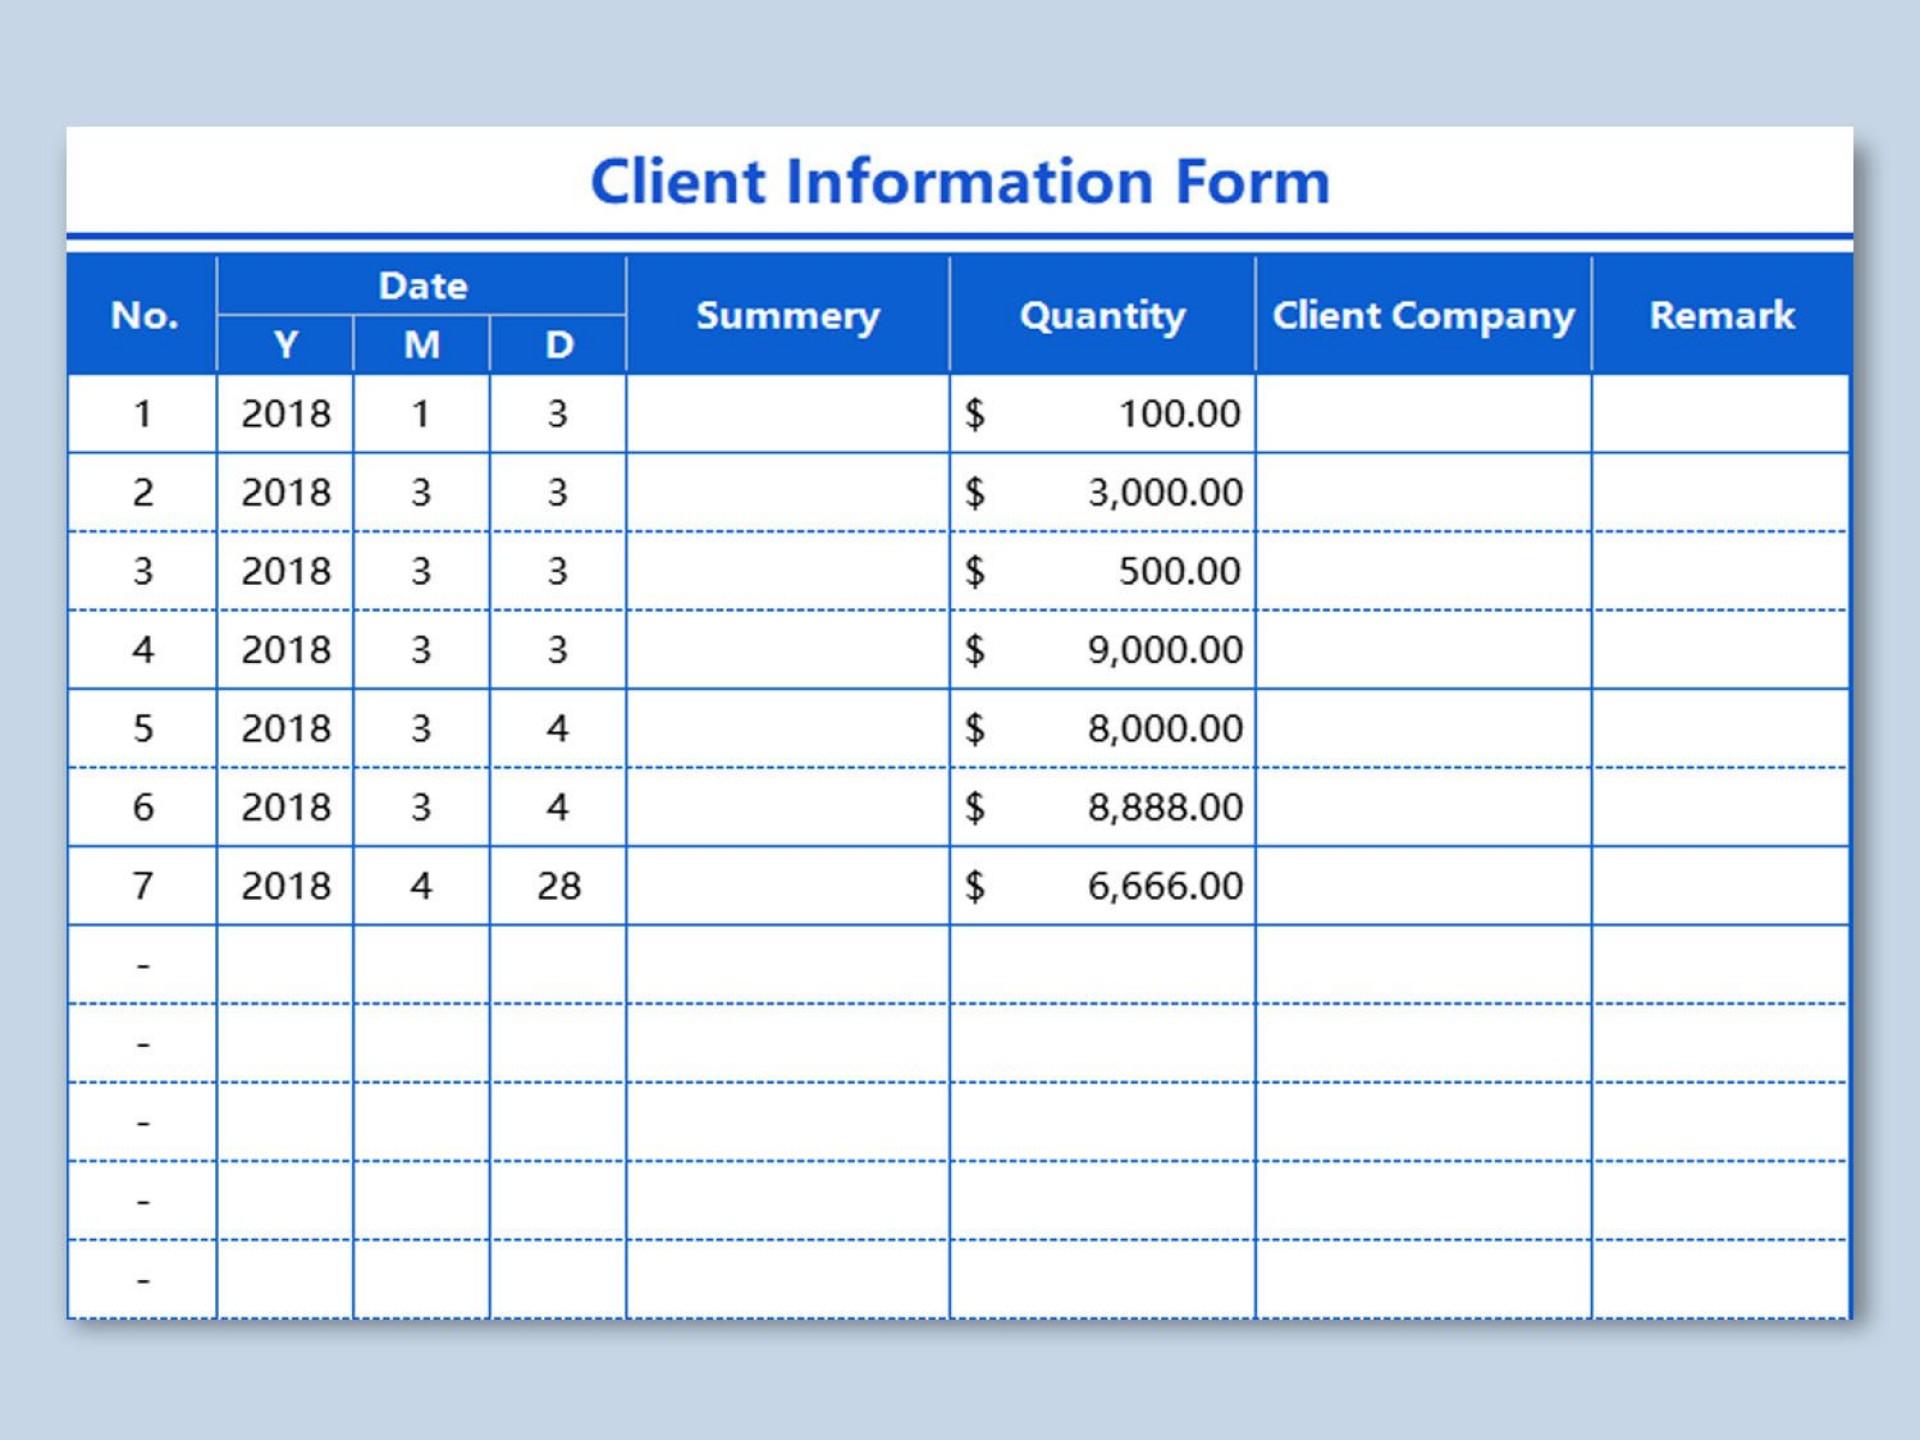 002 Unique Client Information Form Template Free Download Design 1920